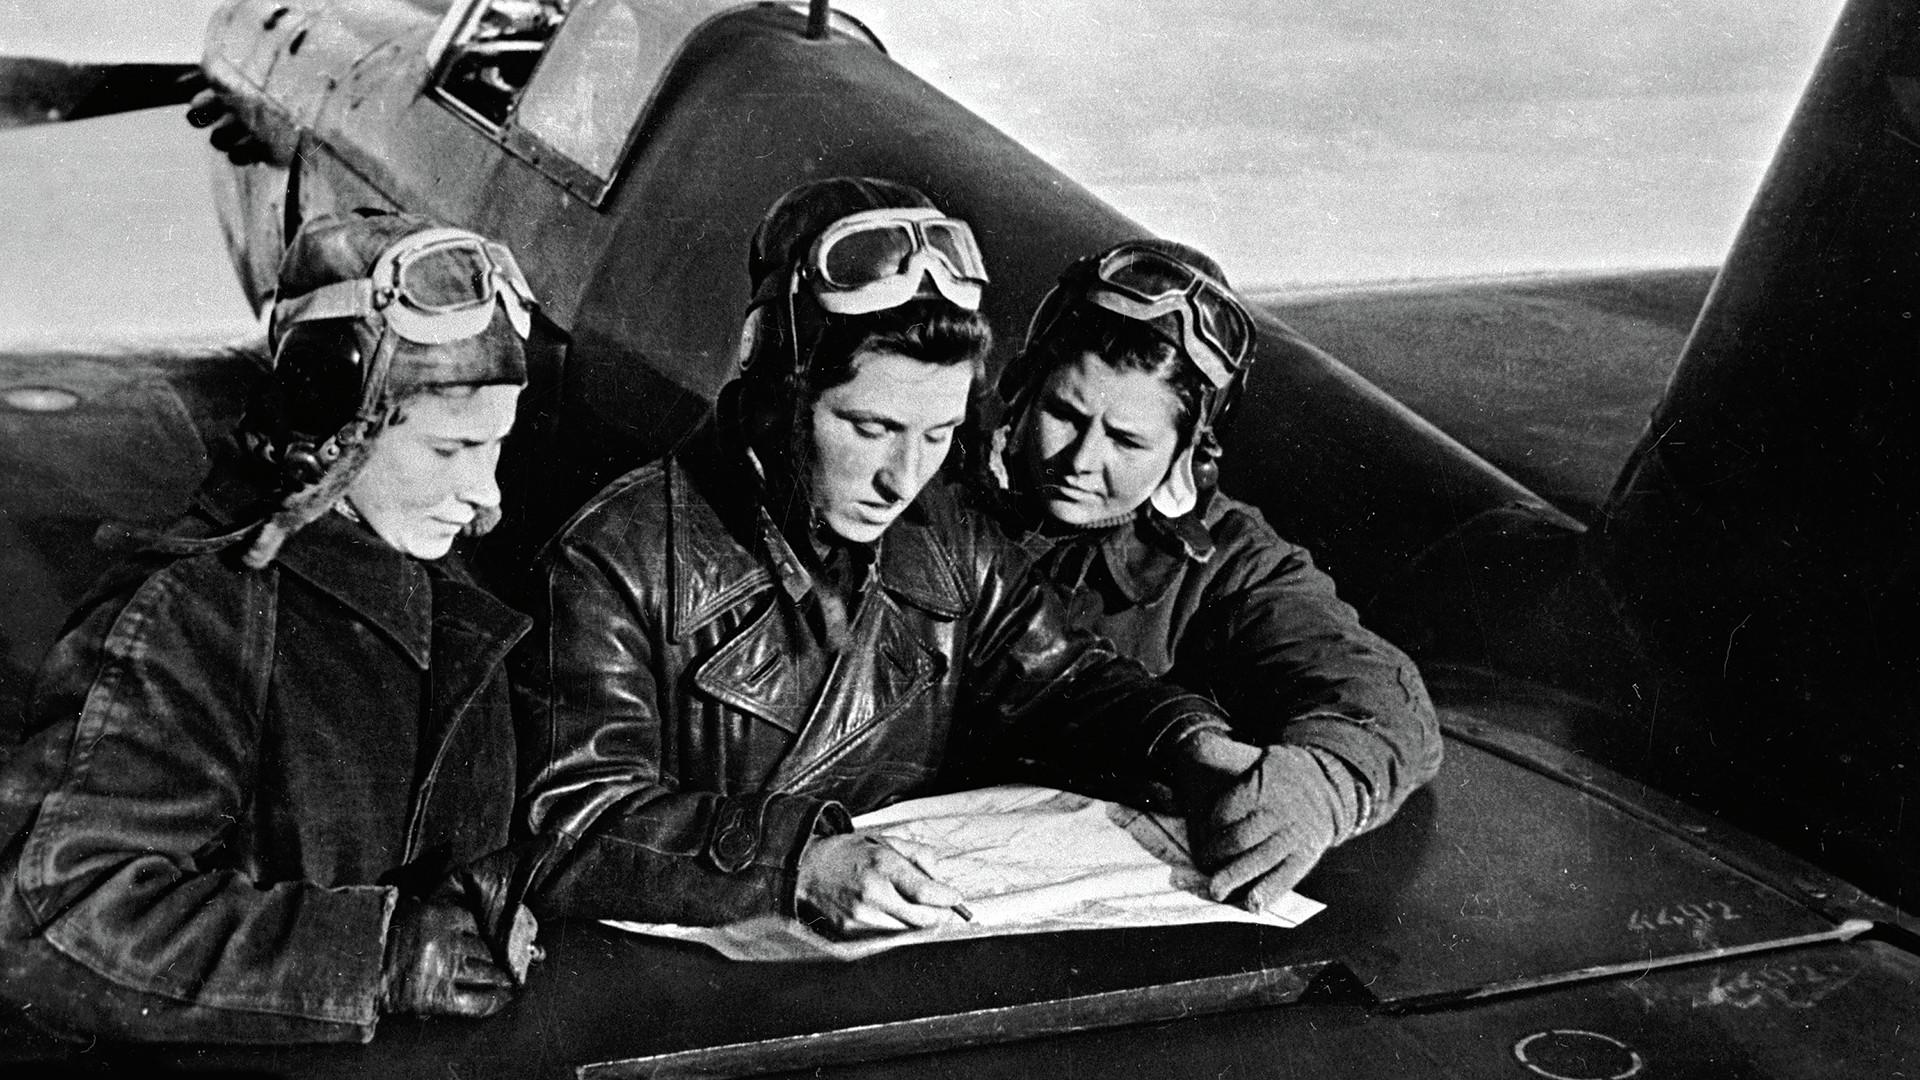 Љиља Литвјак, Каћа Буданова и Марија Кузњецова поред авиона Јак-1